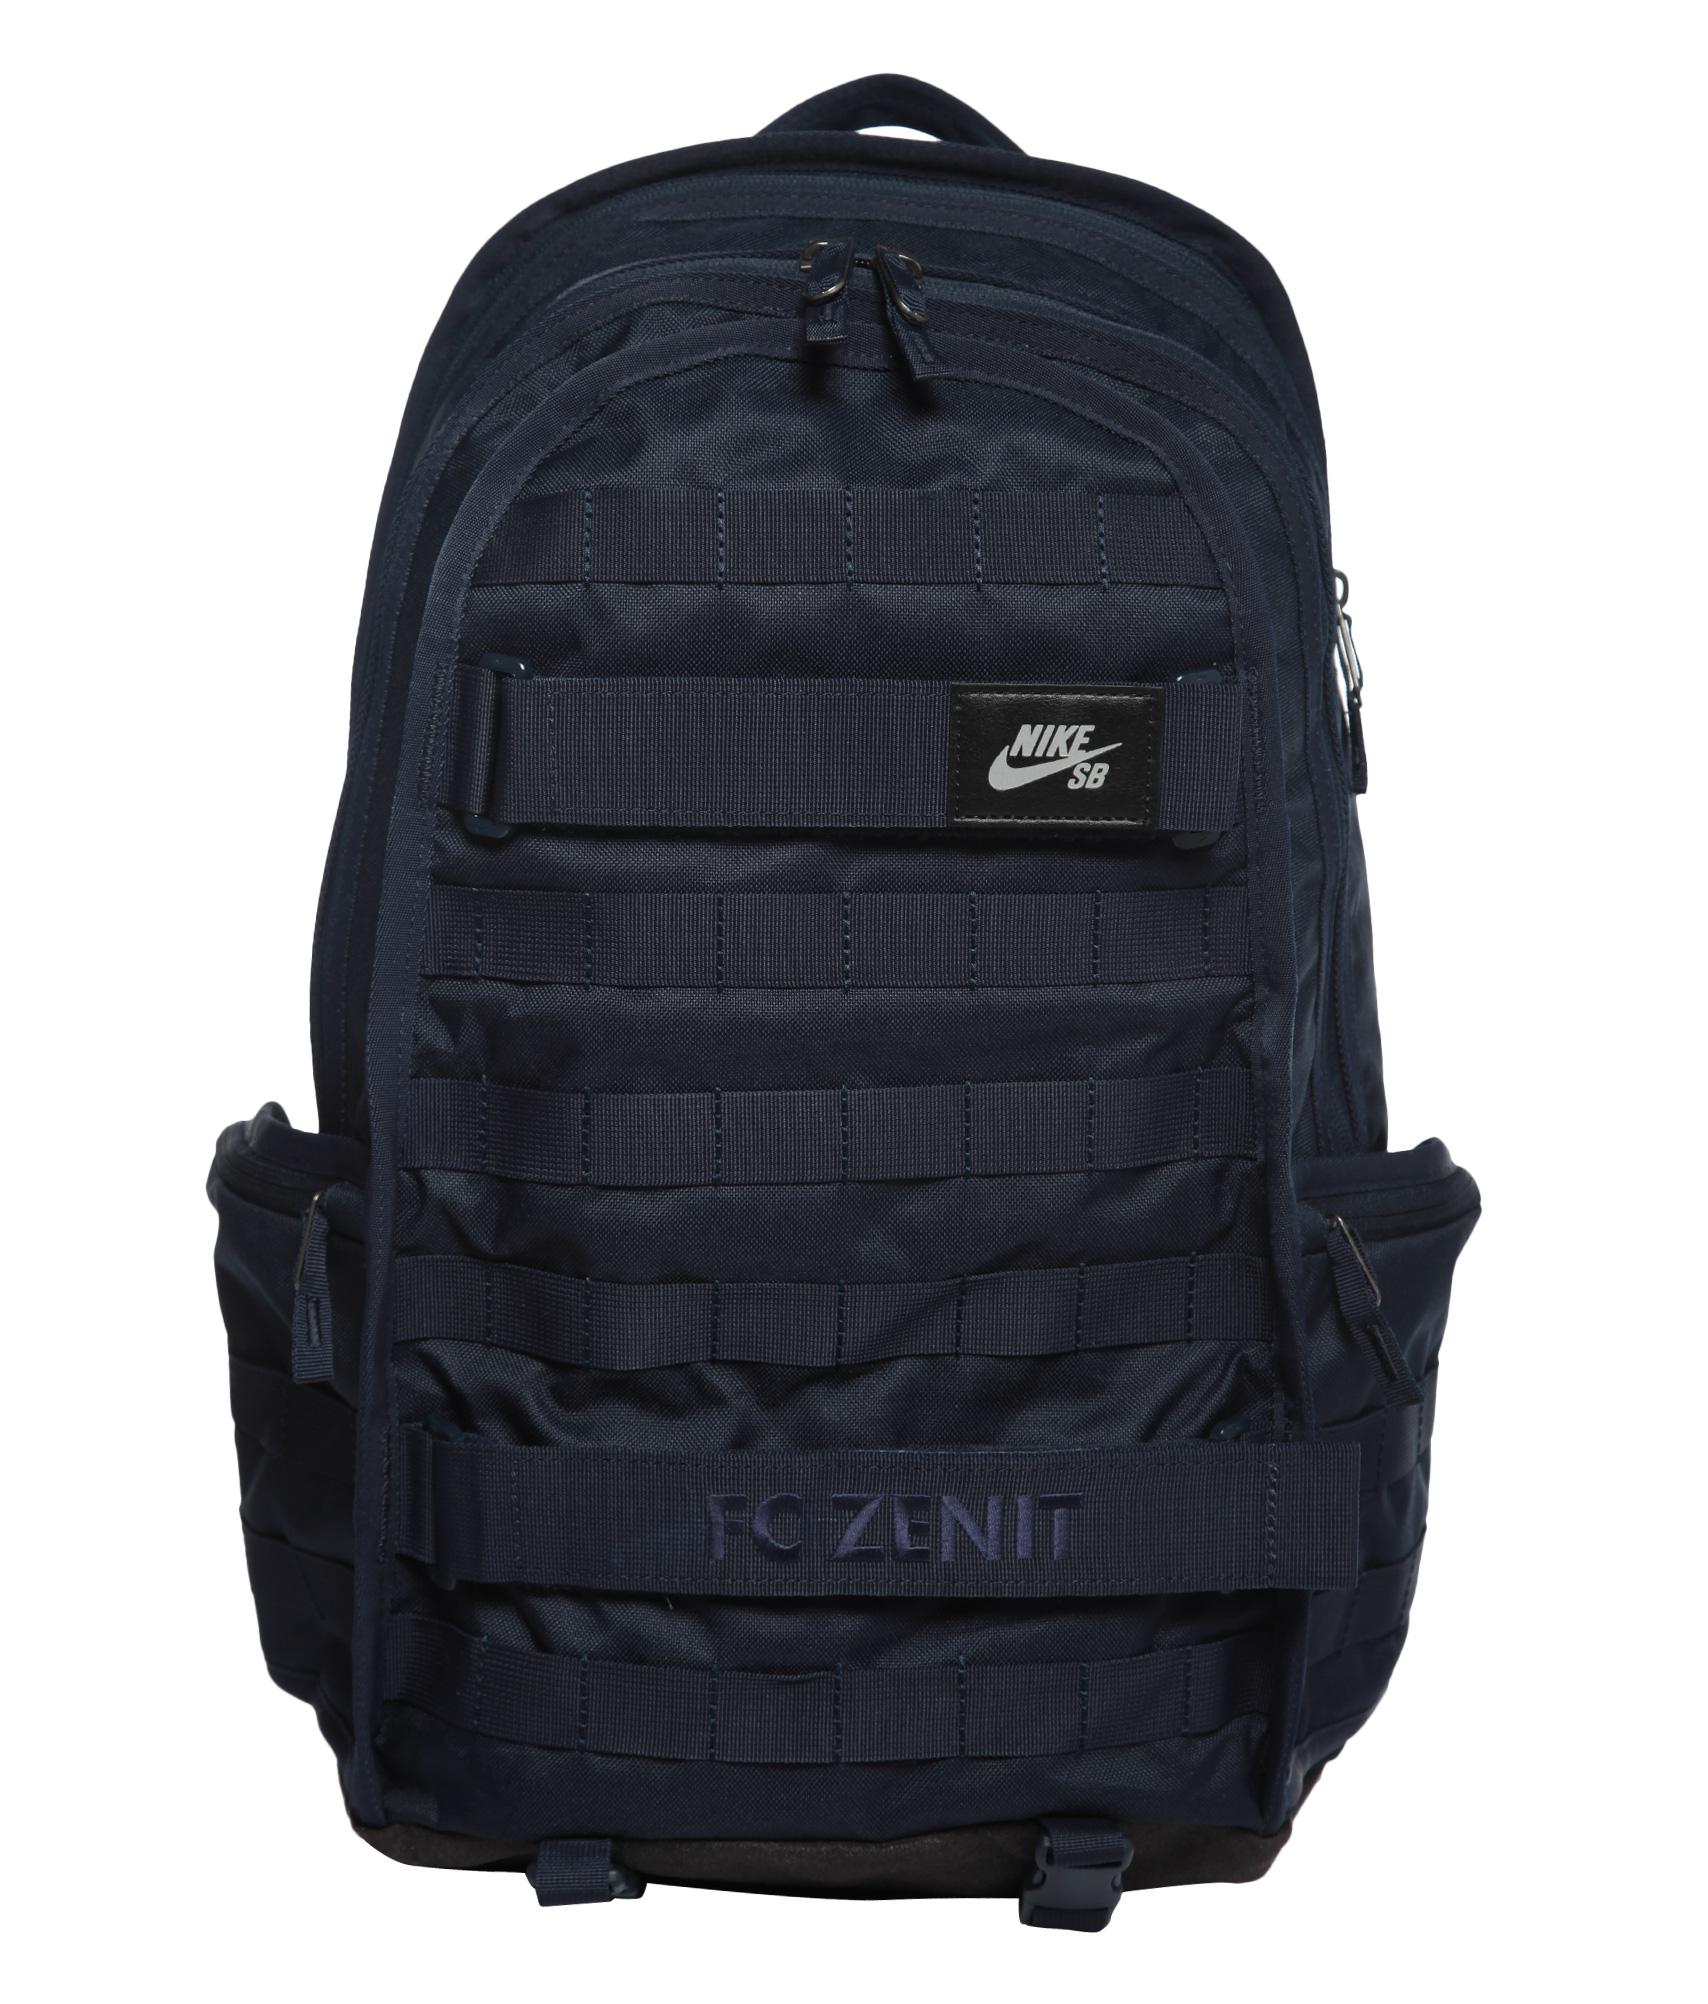 Рюкзак Nike, Цвет-Темно-Синий, Размер-MISC nike sb рюкзак sb nike rpm solid